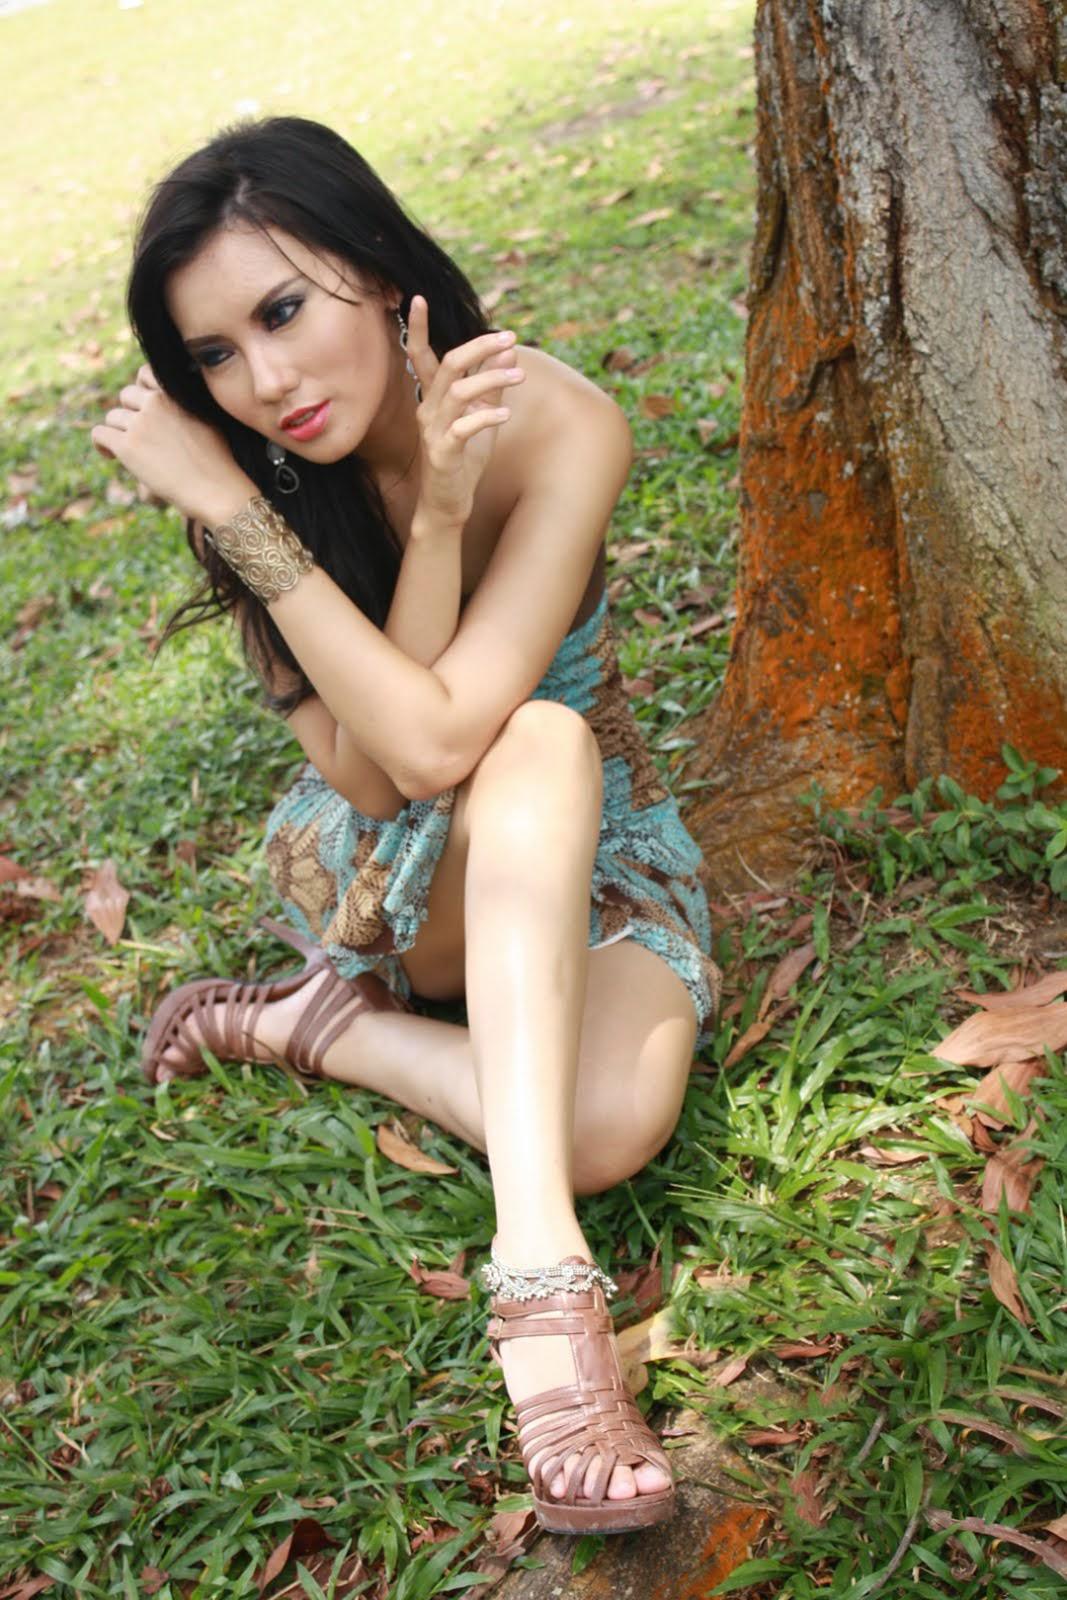 Foto Model Seksi Kennova Prawesty leher indah dan manis